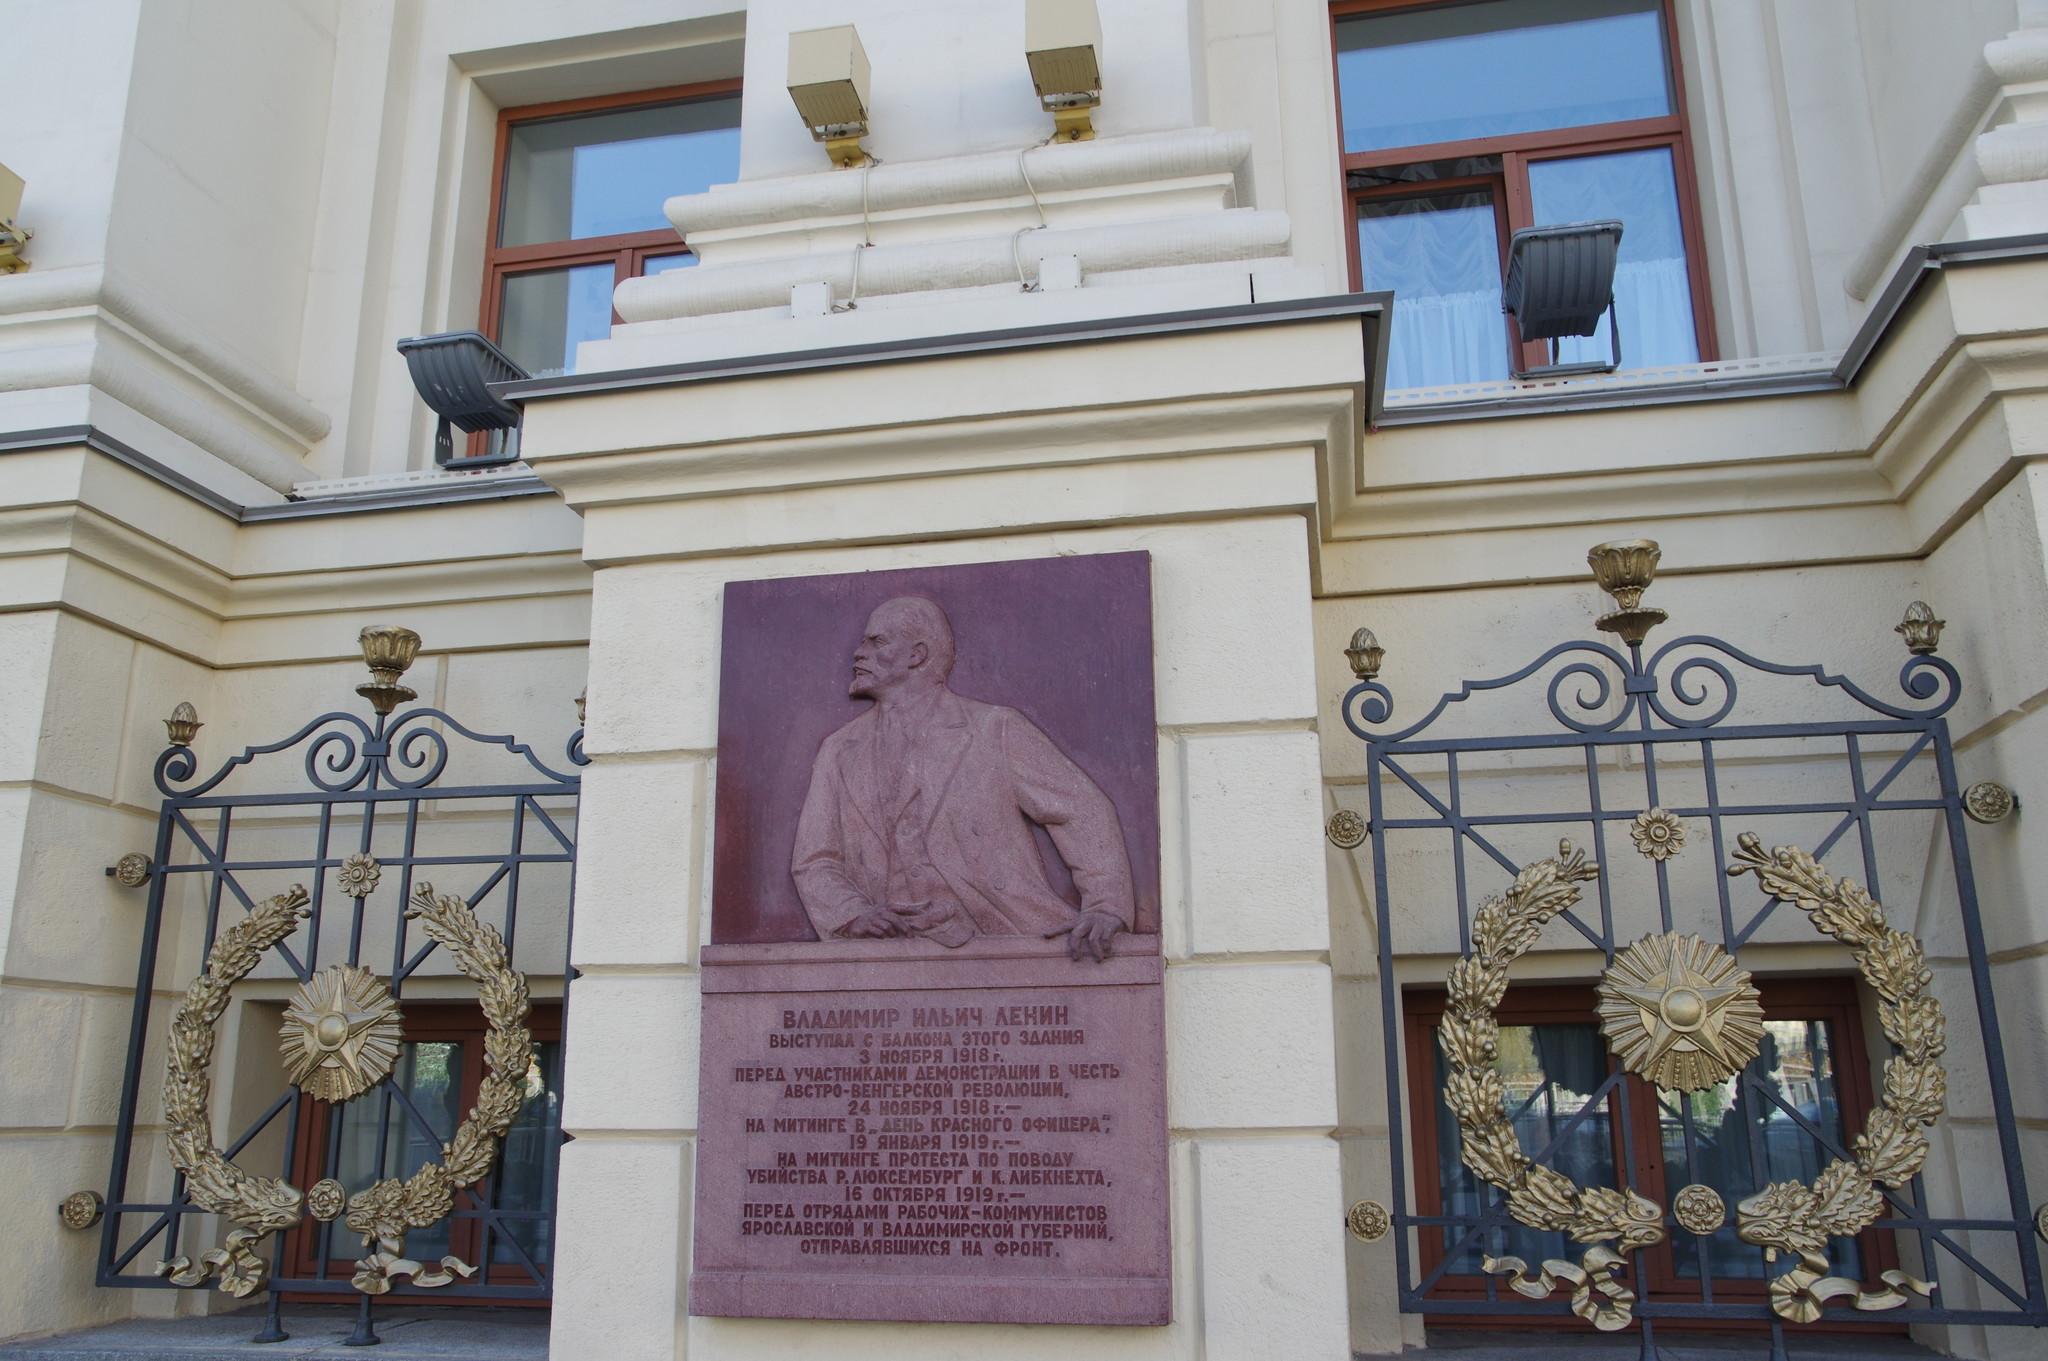 3 и 24 ноября 1918 года, 19 января и 16 октября 1919 года Владимир Ильич Ленин выступал с балкона здания Моссовета (Тверская улица, дом 13)